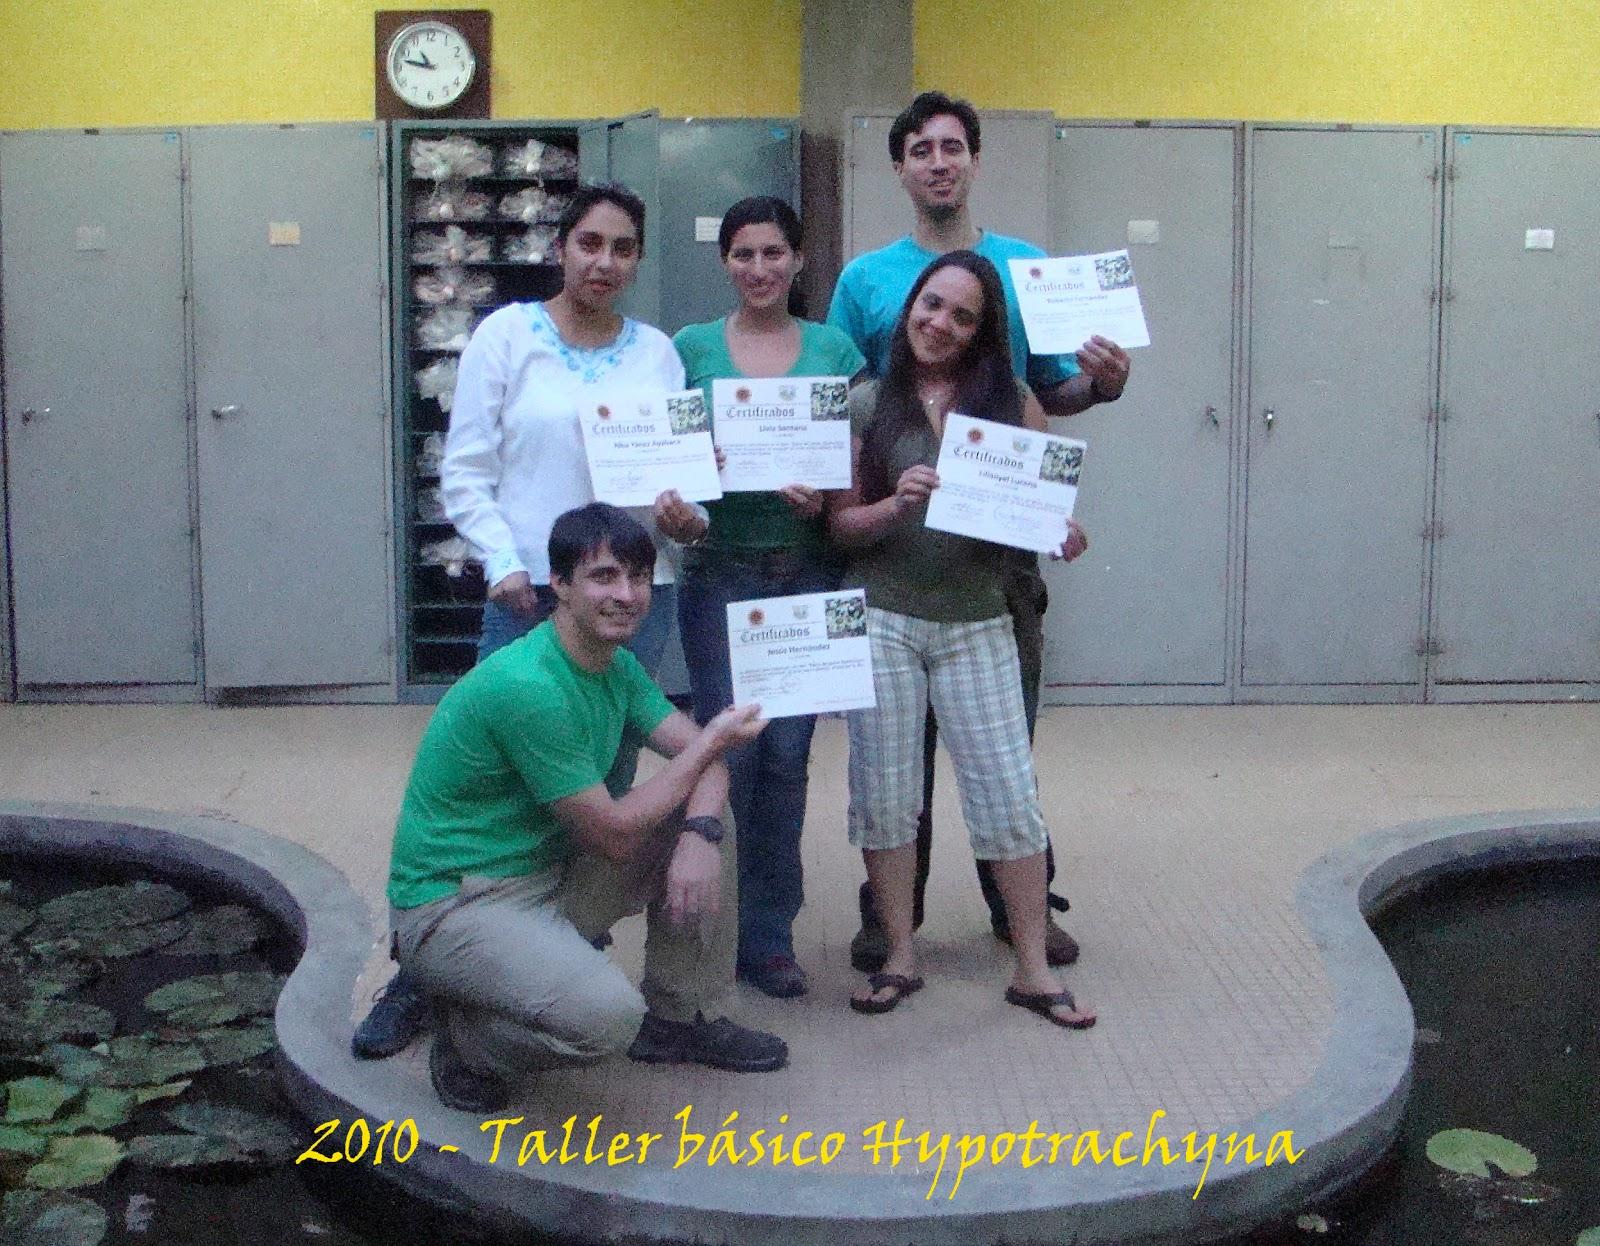 Grupo venezolano de liquen logos talleres b sicos de for Talleres jardin botanico